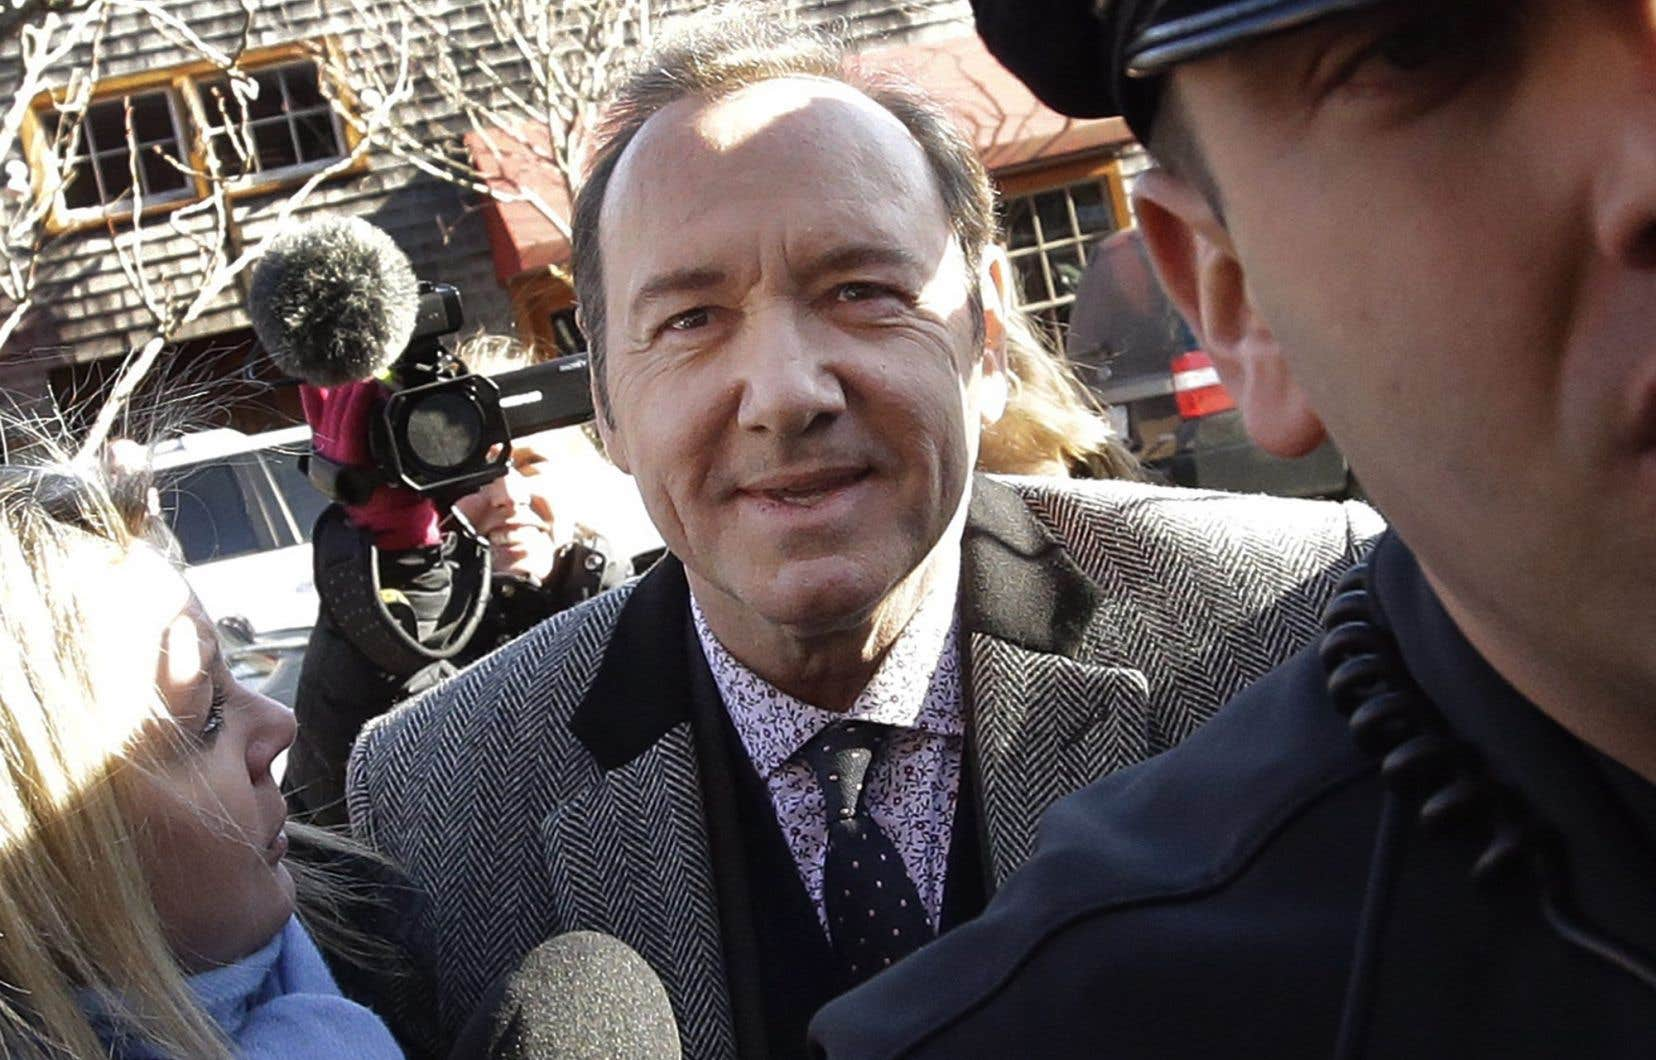 Des poursuites pour attentat à la pudeur et agression sexuelle avaient été abandonnées en juillet 2019 contre l'acteur dans l'État américain du Massachusetts.